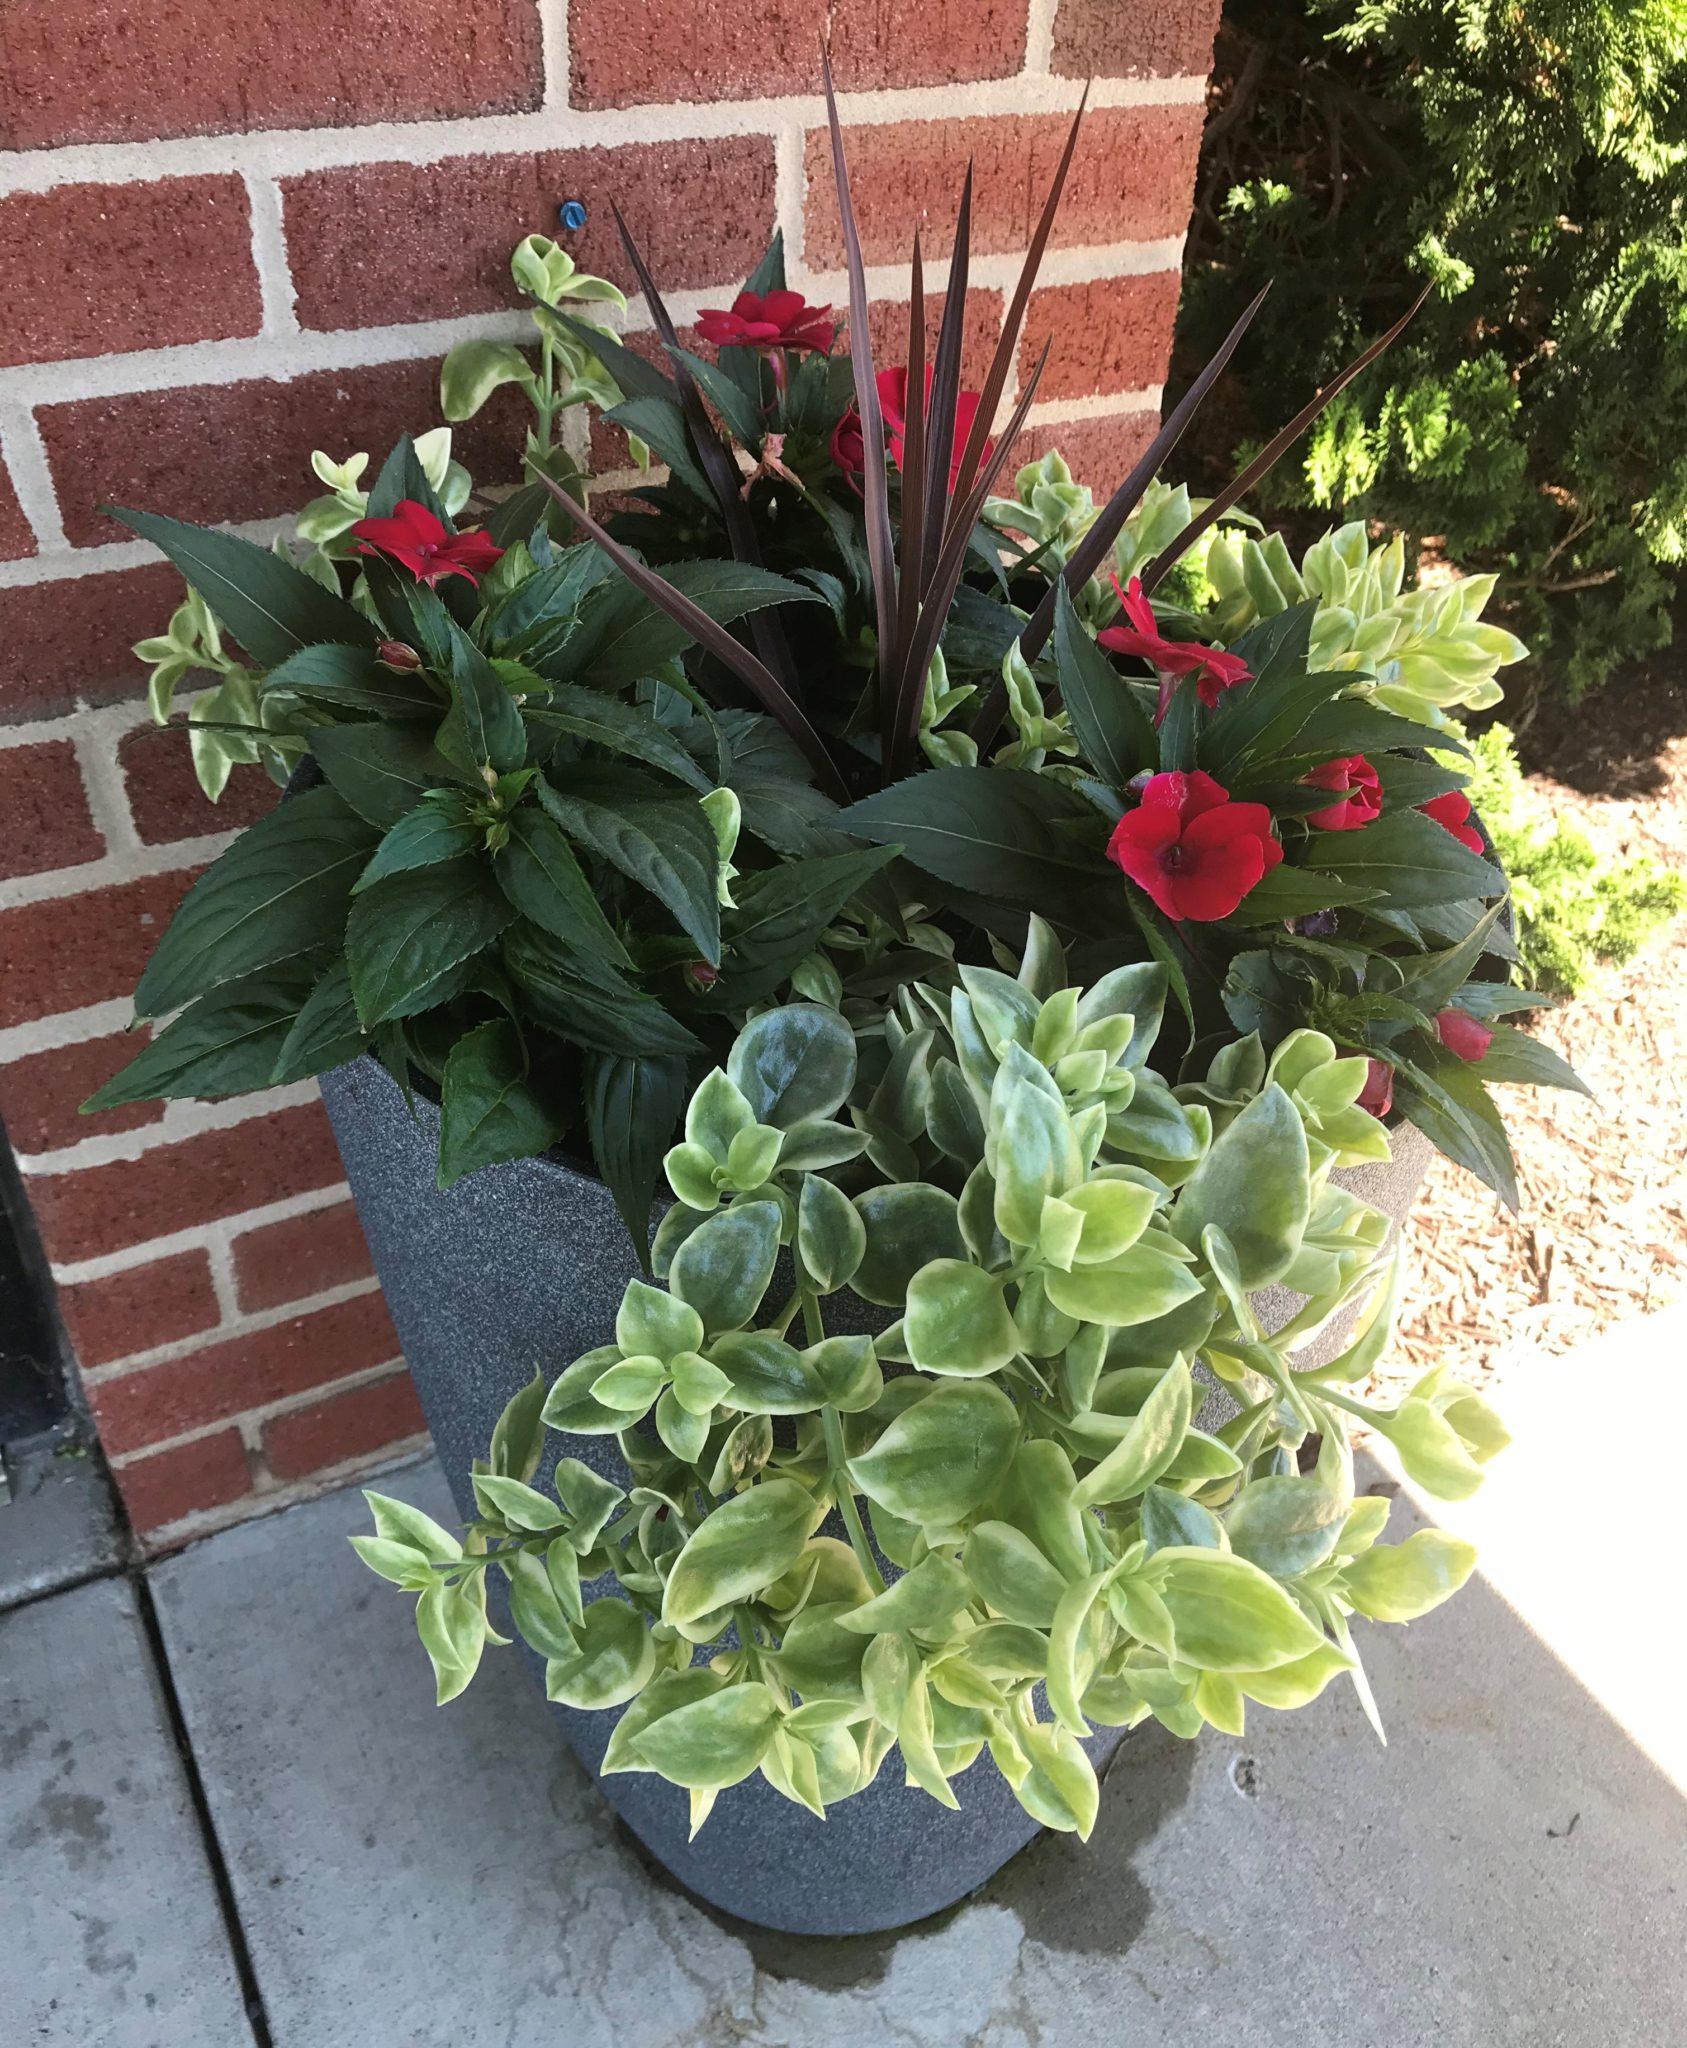 Indoor Gardening for Seniors